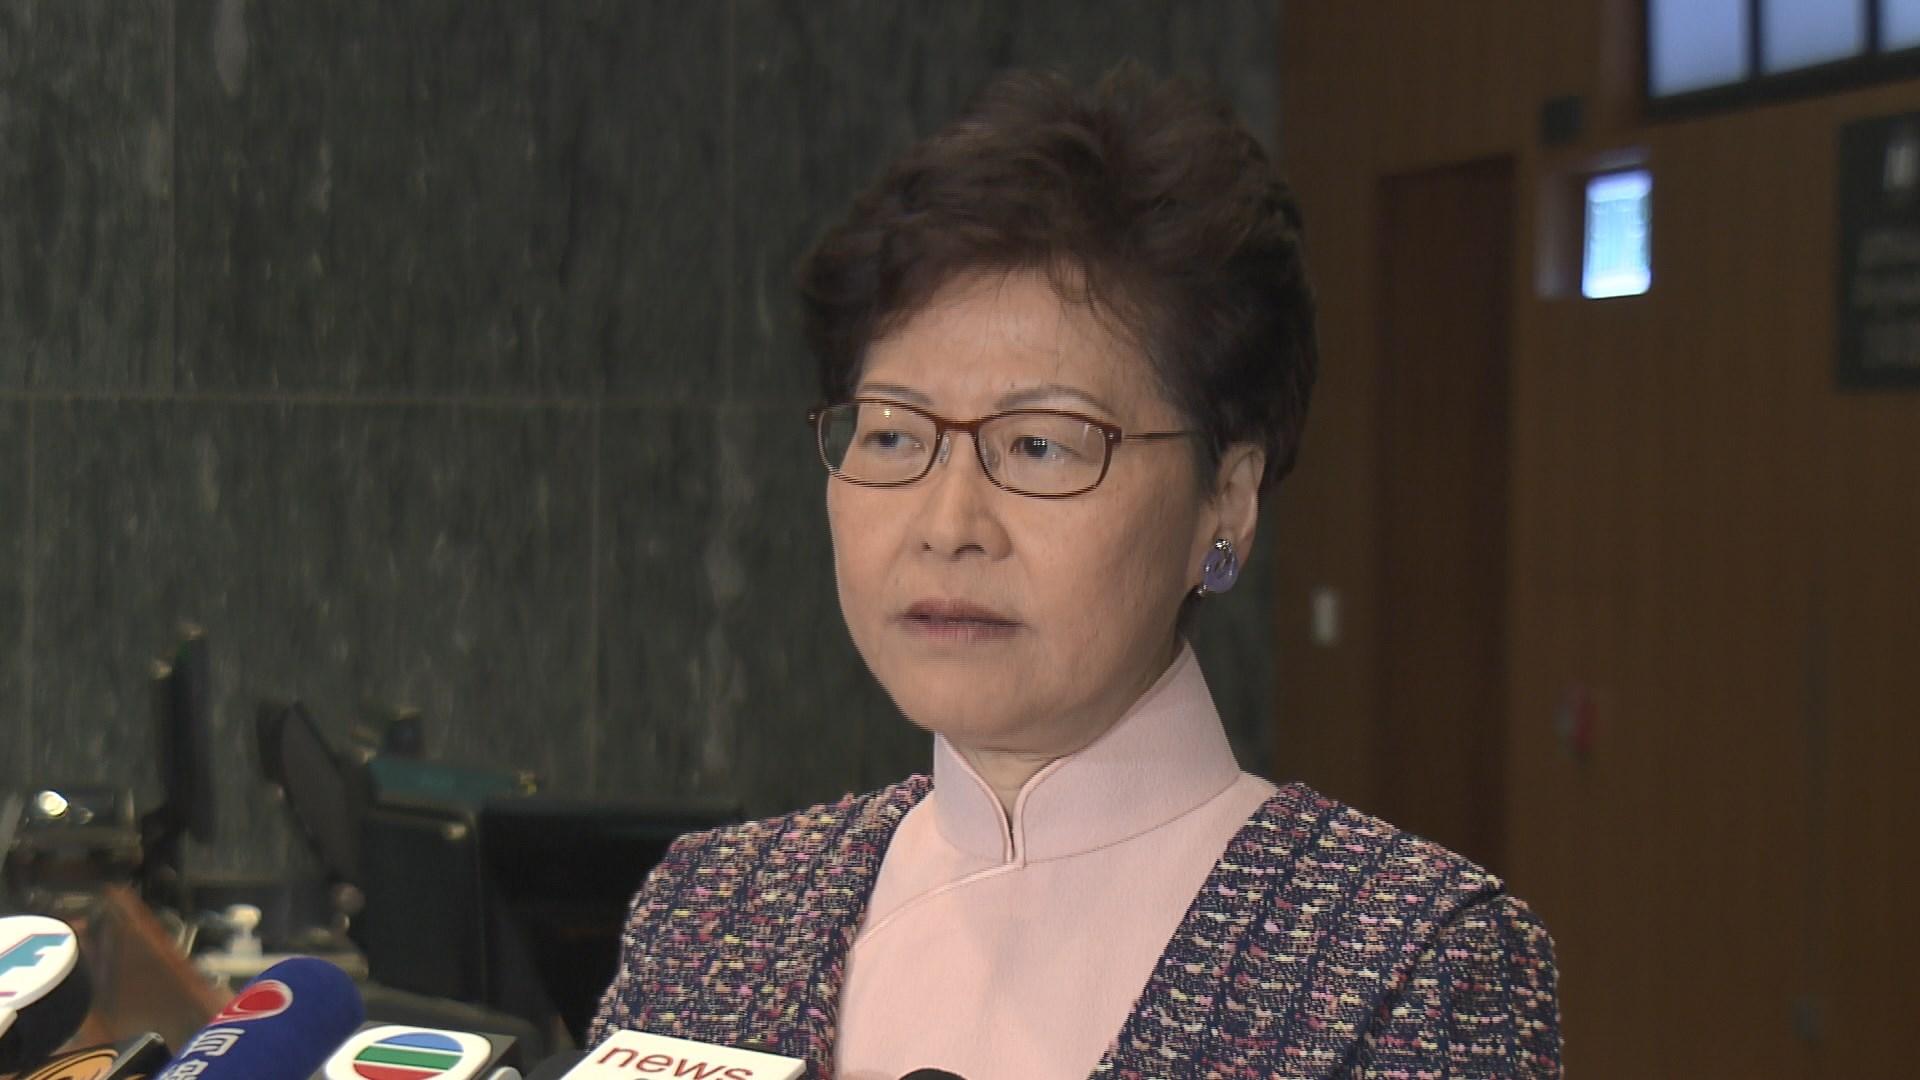 林鄭月娥對曾蔭權上訴得直感到高興